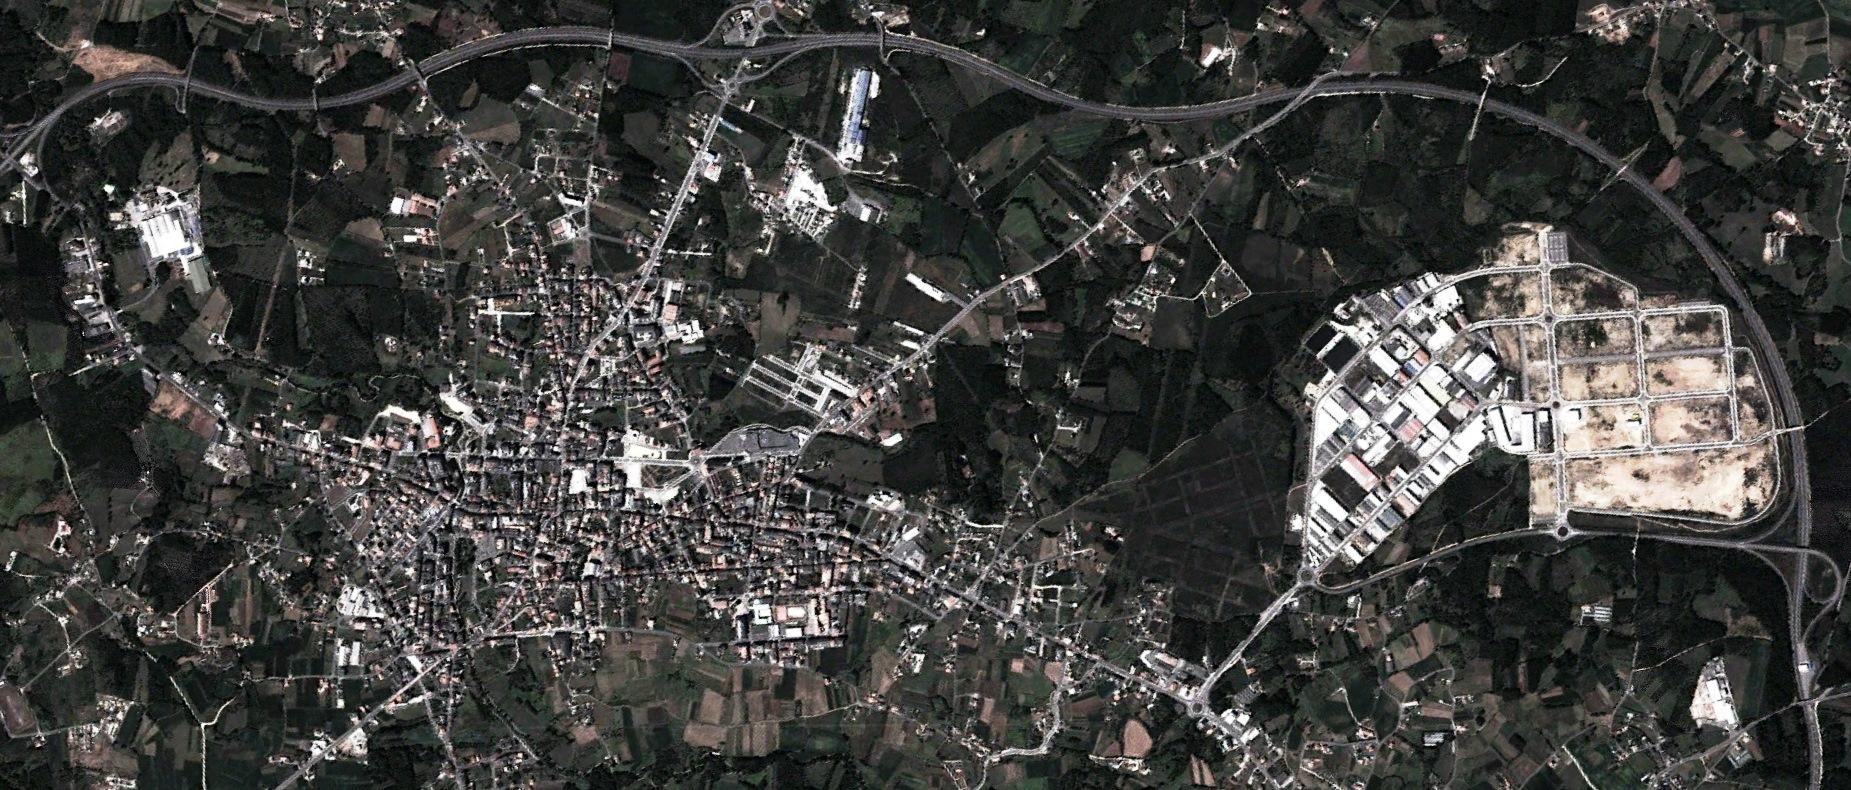 después, urbanismo, foto aérea,desastre, urbanístico, planeamiento, urbano, construcción, polígono industrial,Carballo, A Coruña